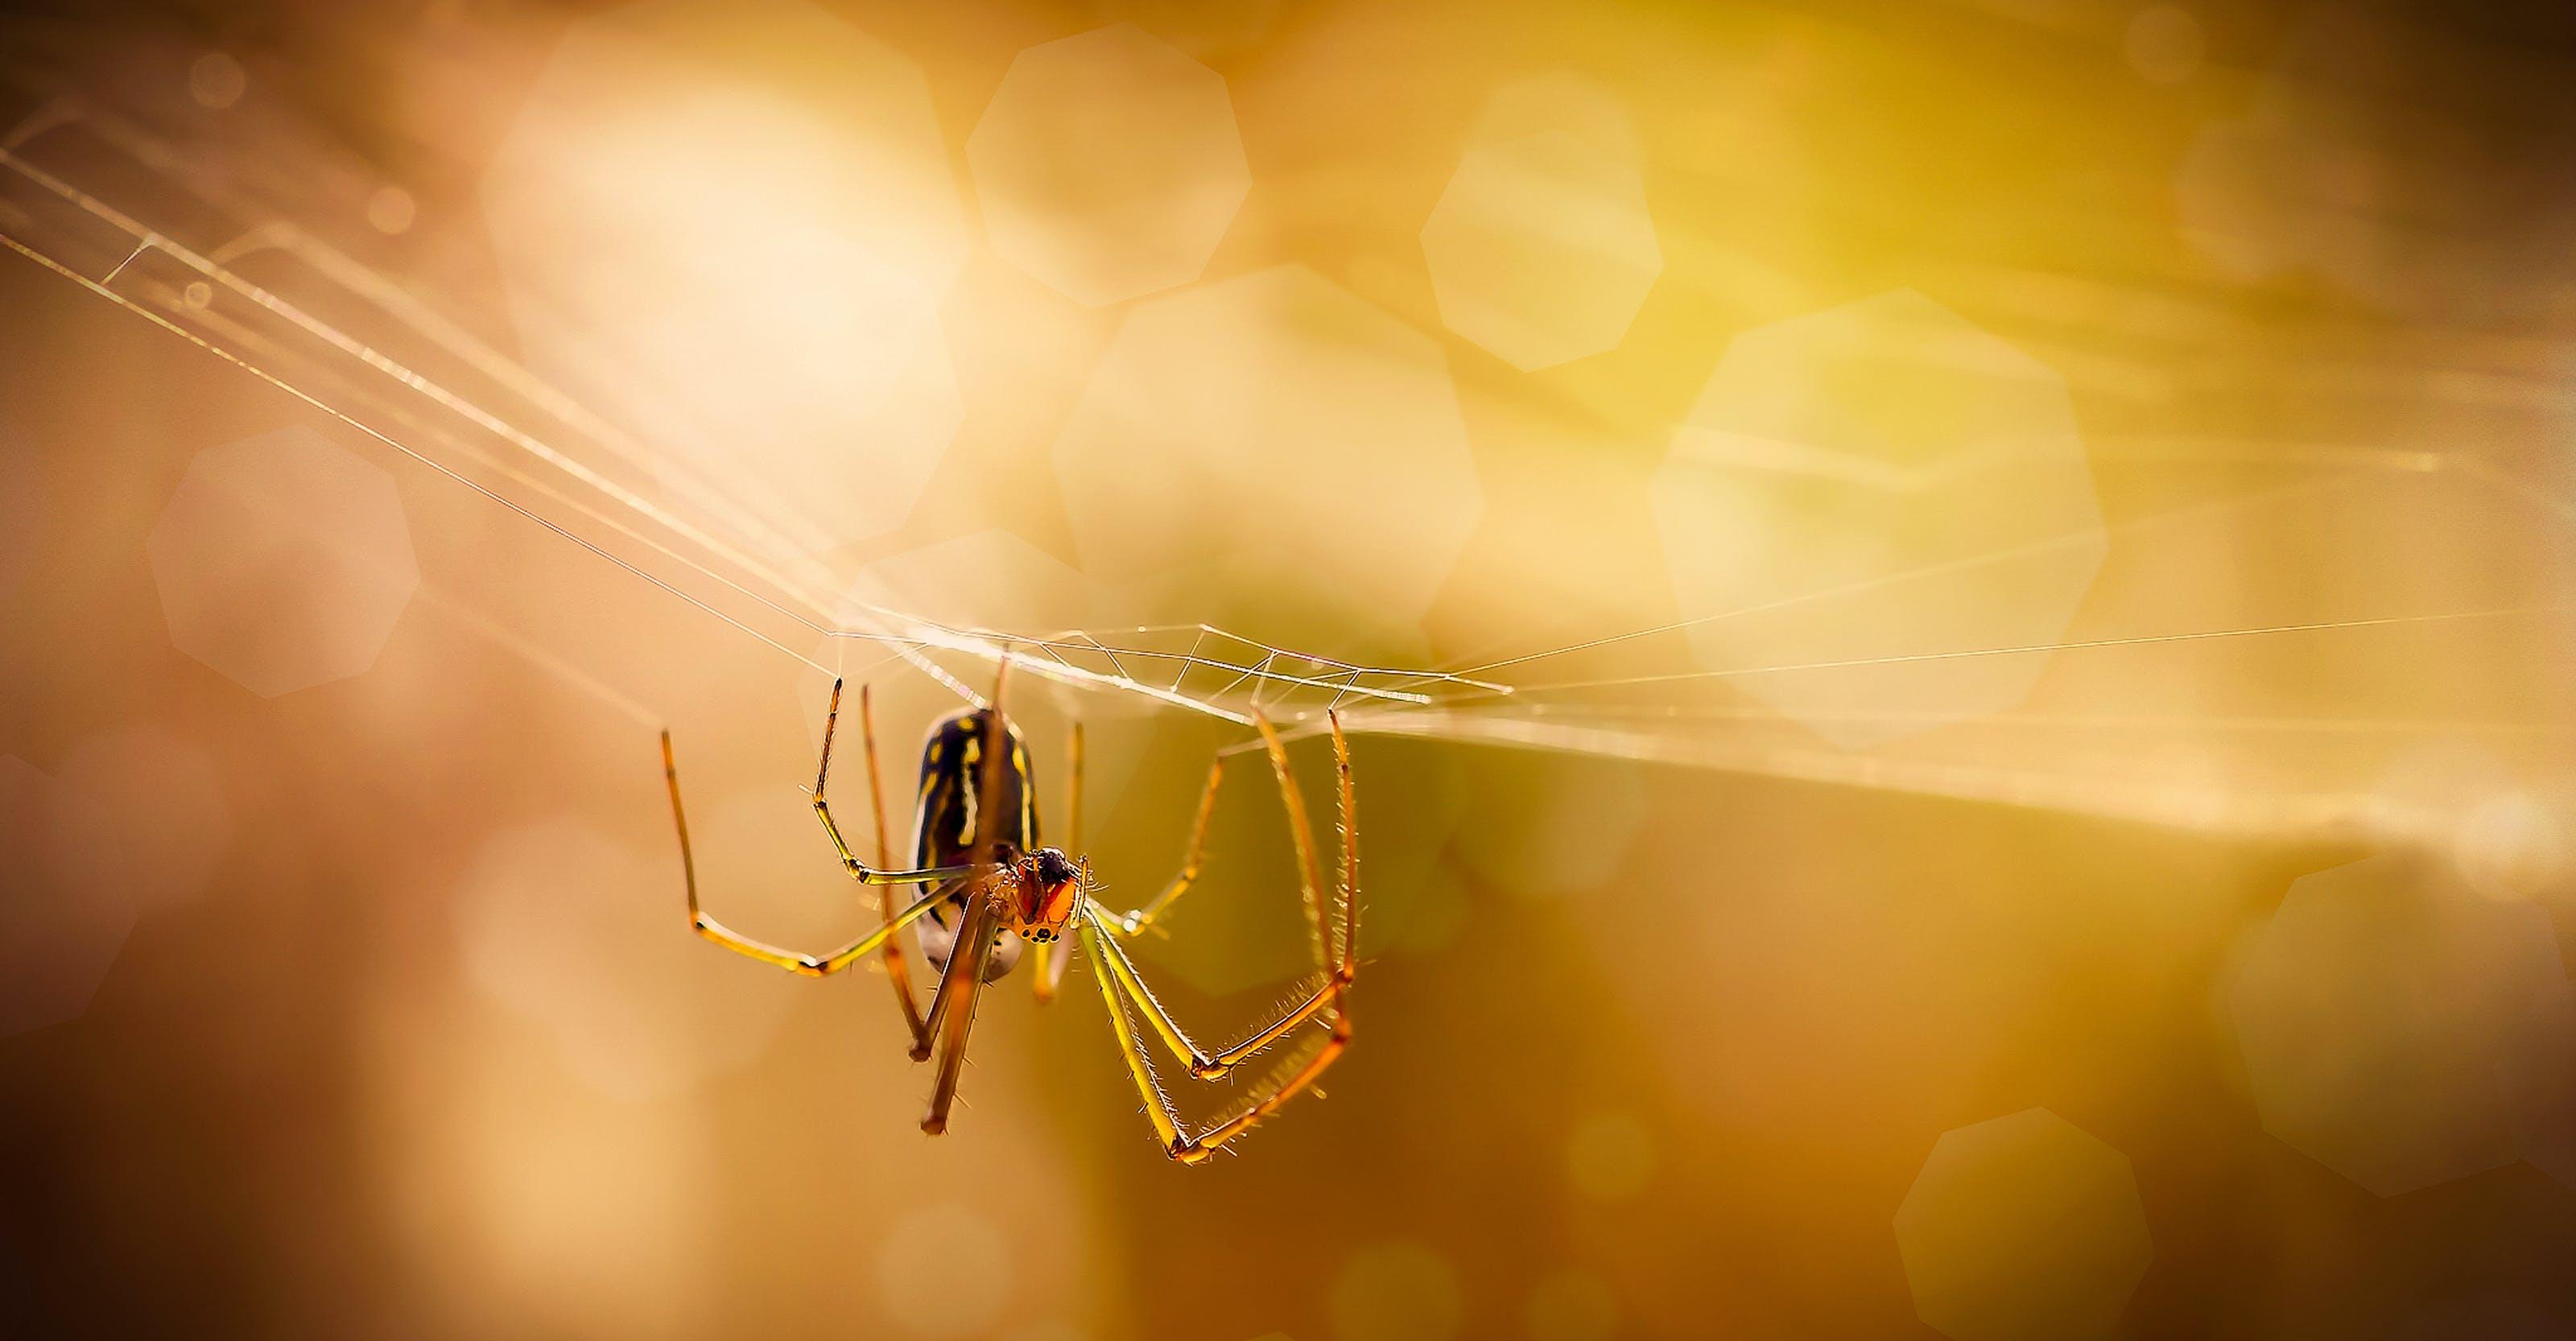 Kostenloses Stock Foto zu gliederfüßer, insekt, nahansicht, spinne